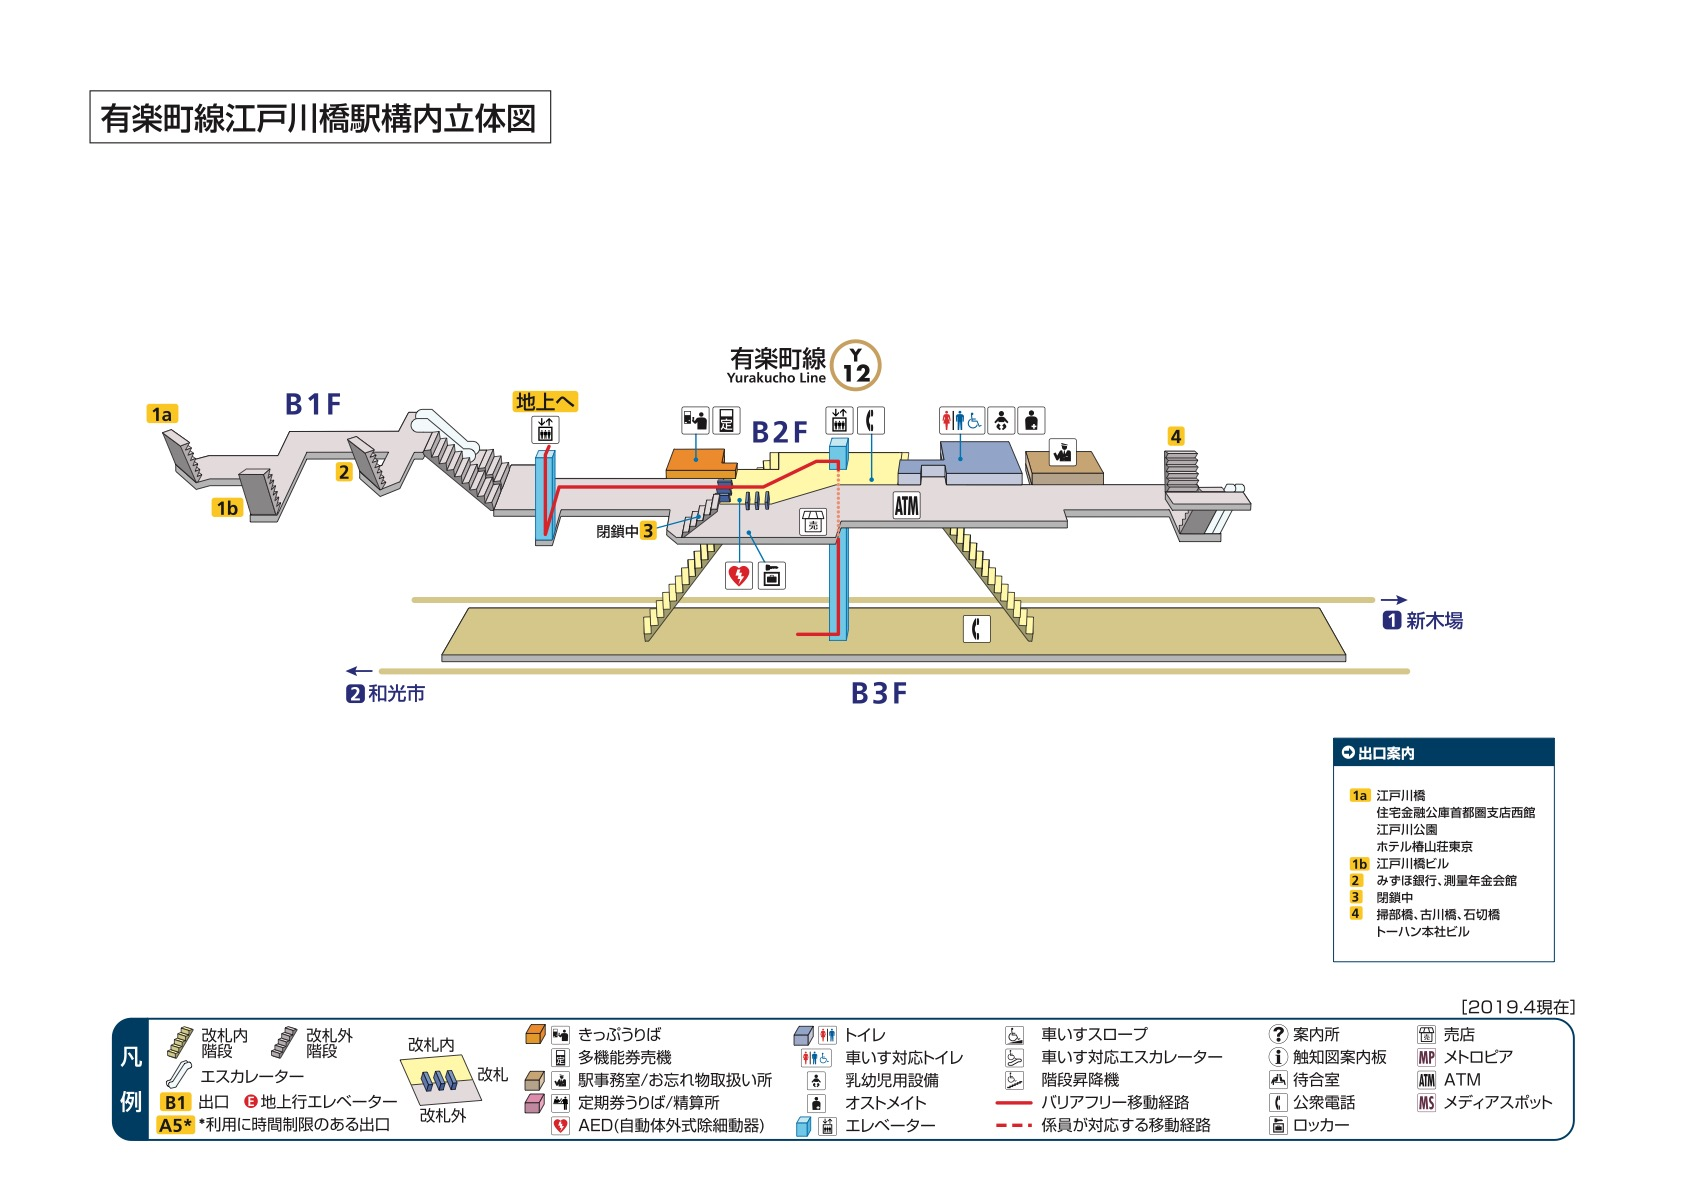 JR東日本:駅構内図(新橋駅) - jreast.co.jp